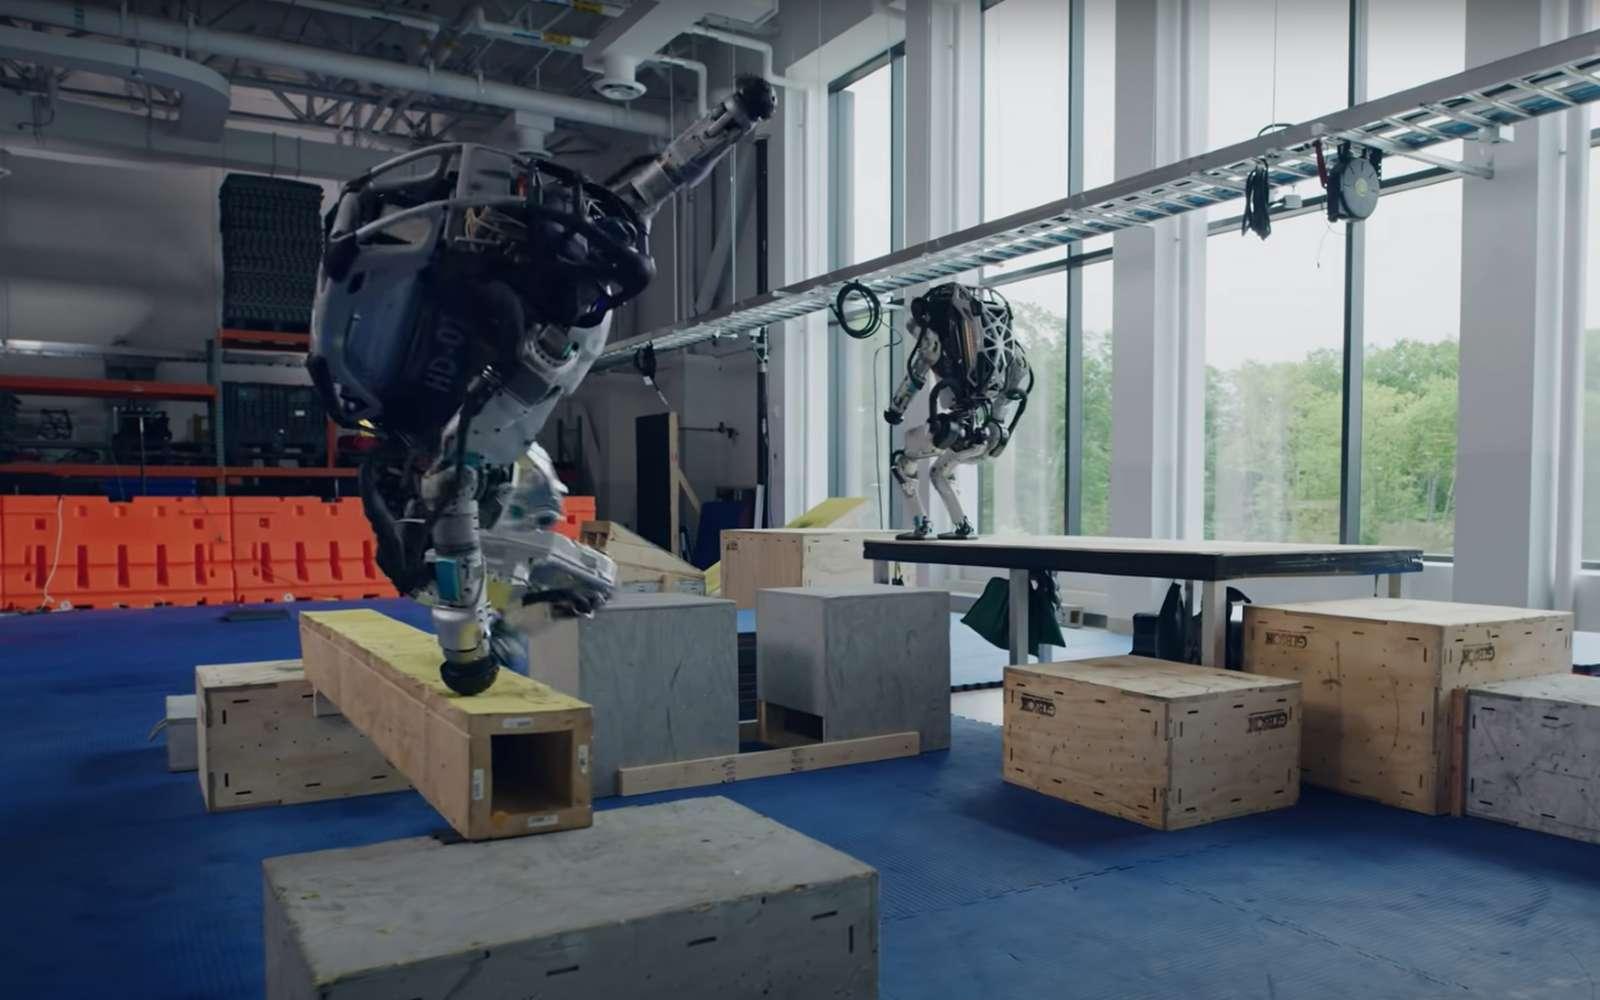 Le robot Atlas peut décider tout seul du comportement à adopter pour passer d'une plateforme à une autre. © Boston Dynamics